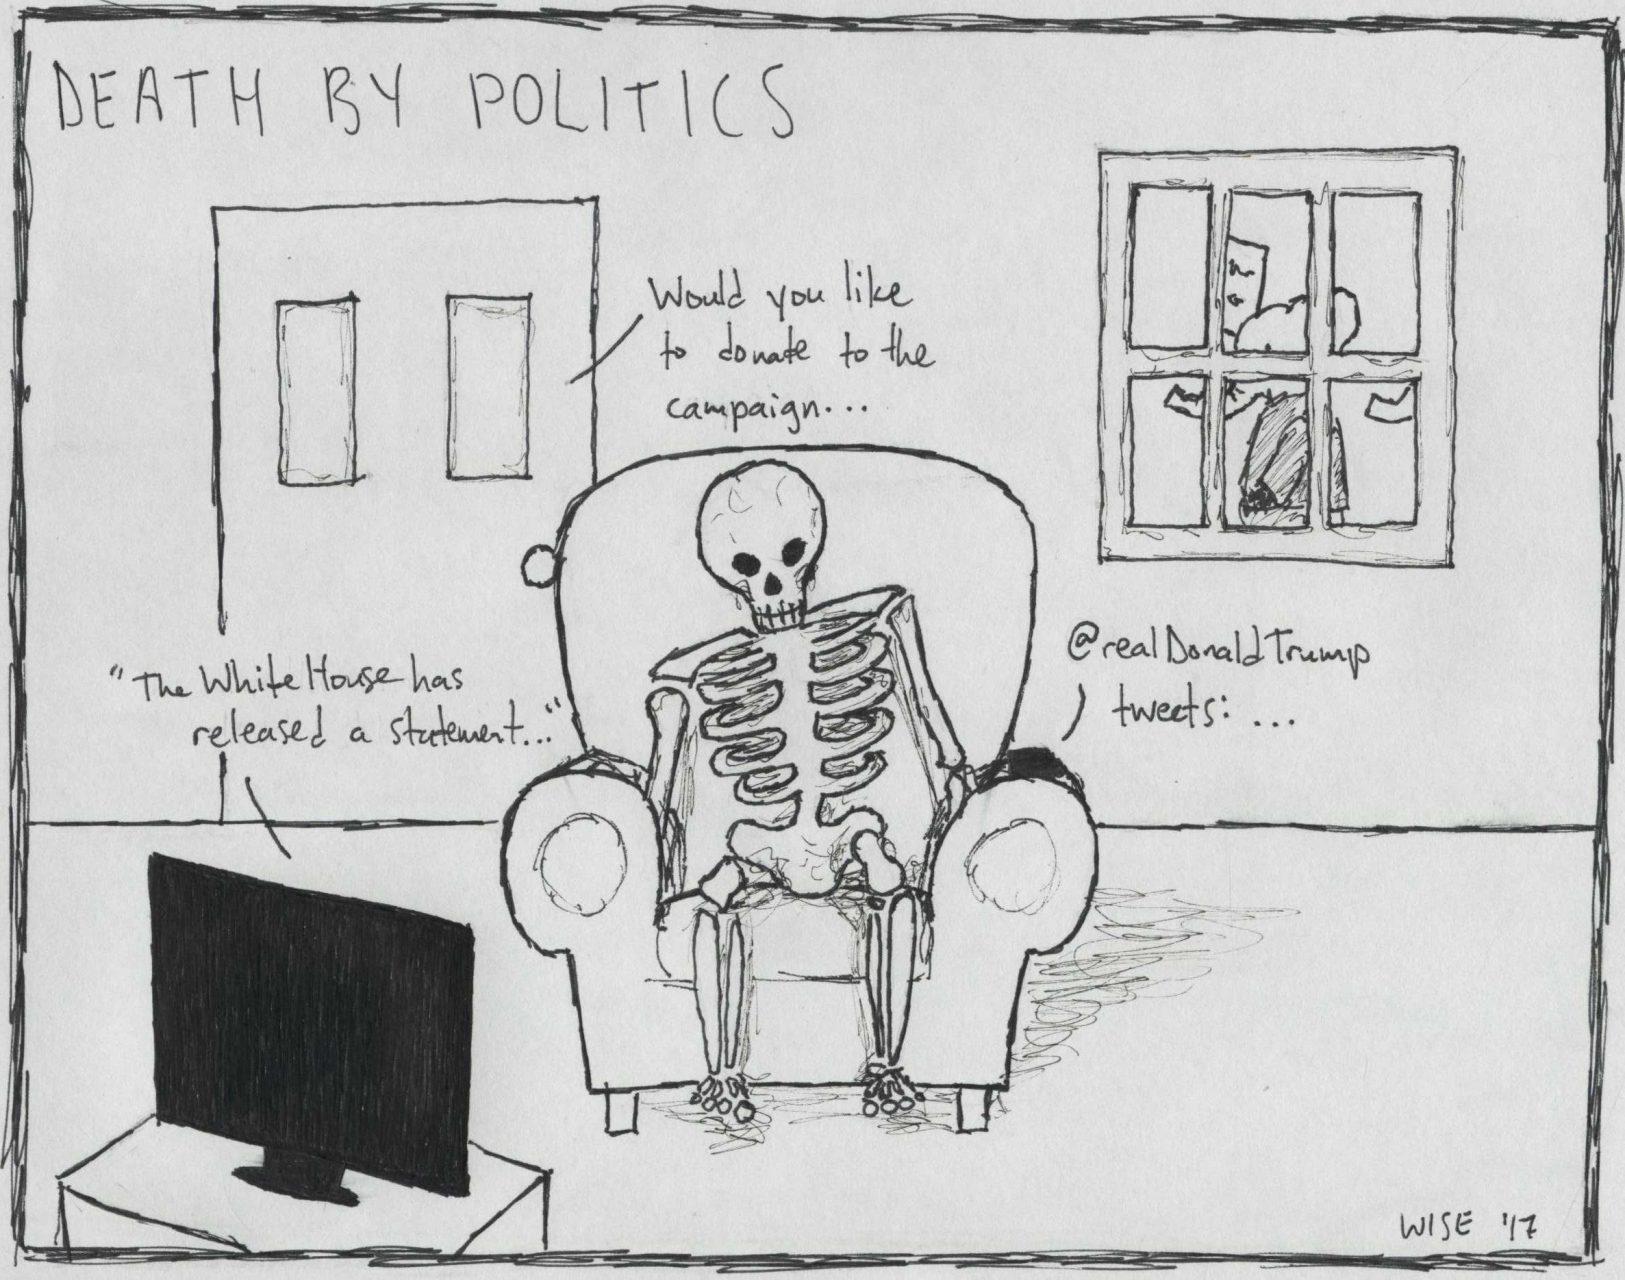 Negative news causes political fatigue